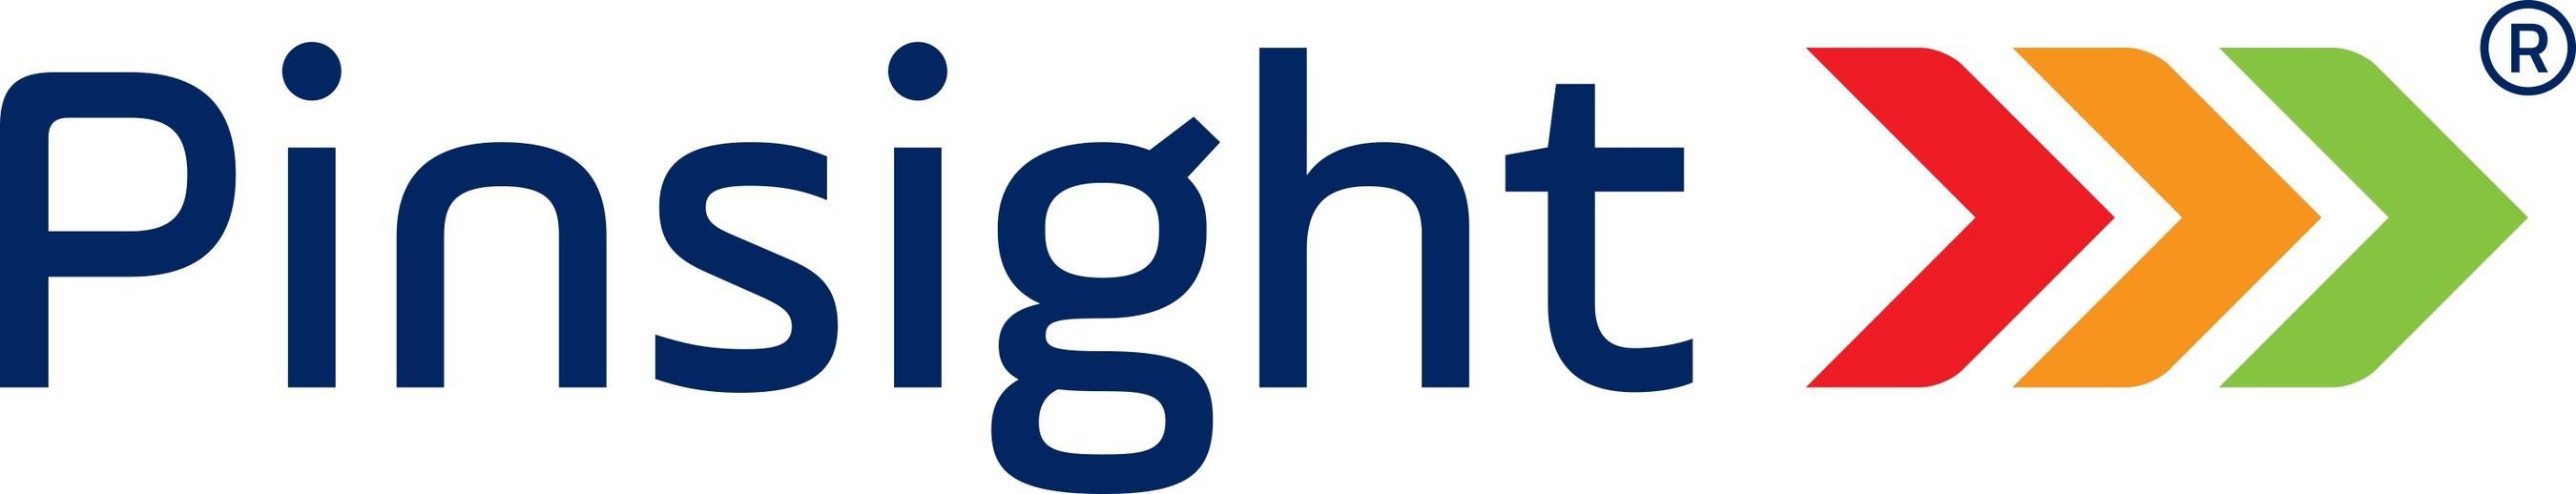 Pinsight logo